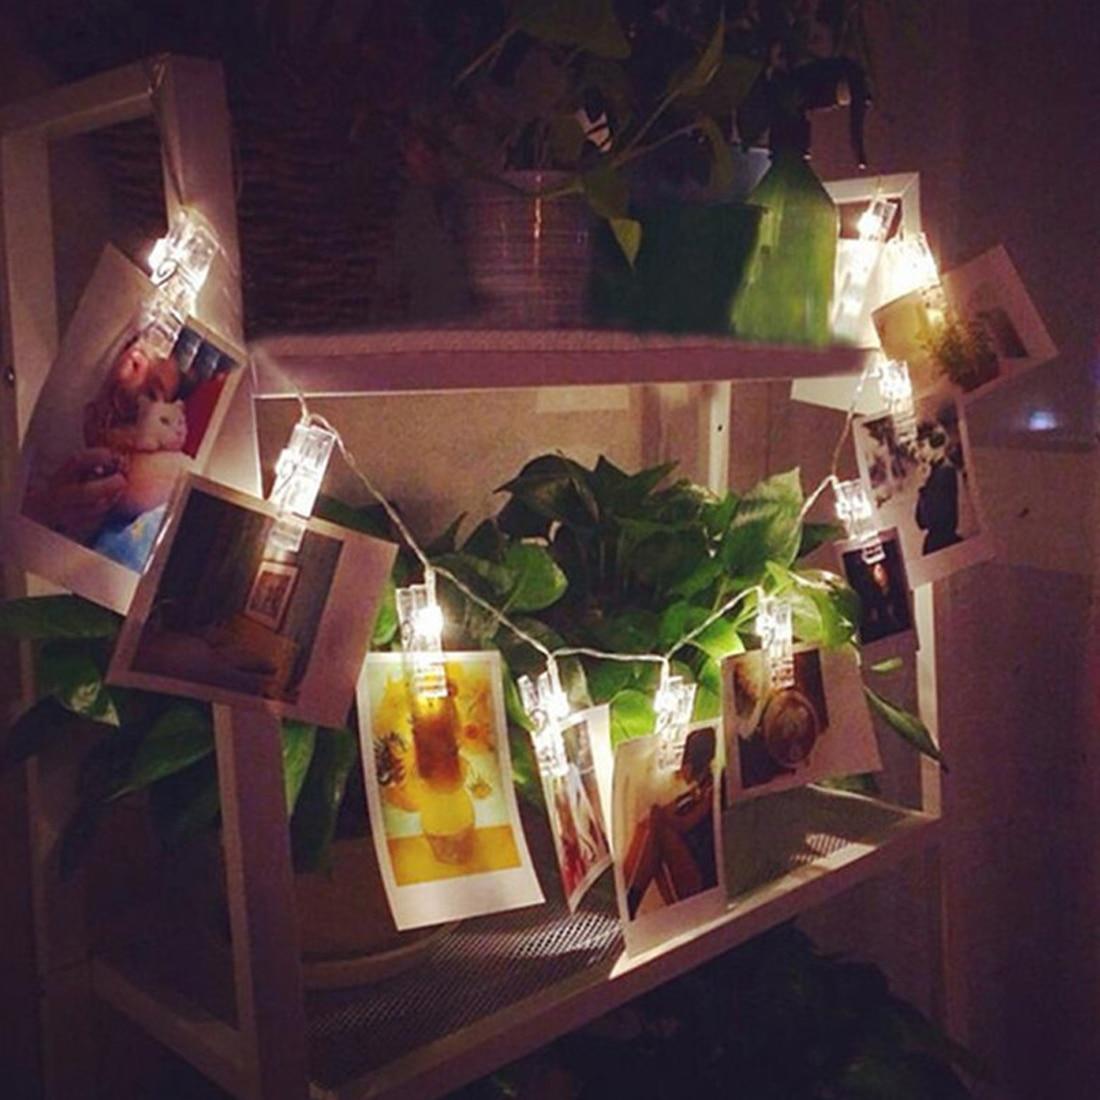 Фестиваль 20LED Строка Рождественские огни Открытый 3 м свет сада для дома Свадебная вечеринка украшения Battry Тип